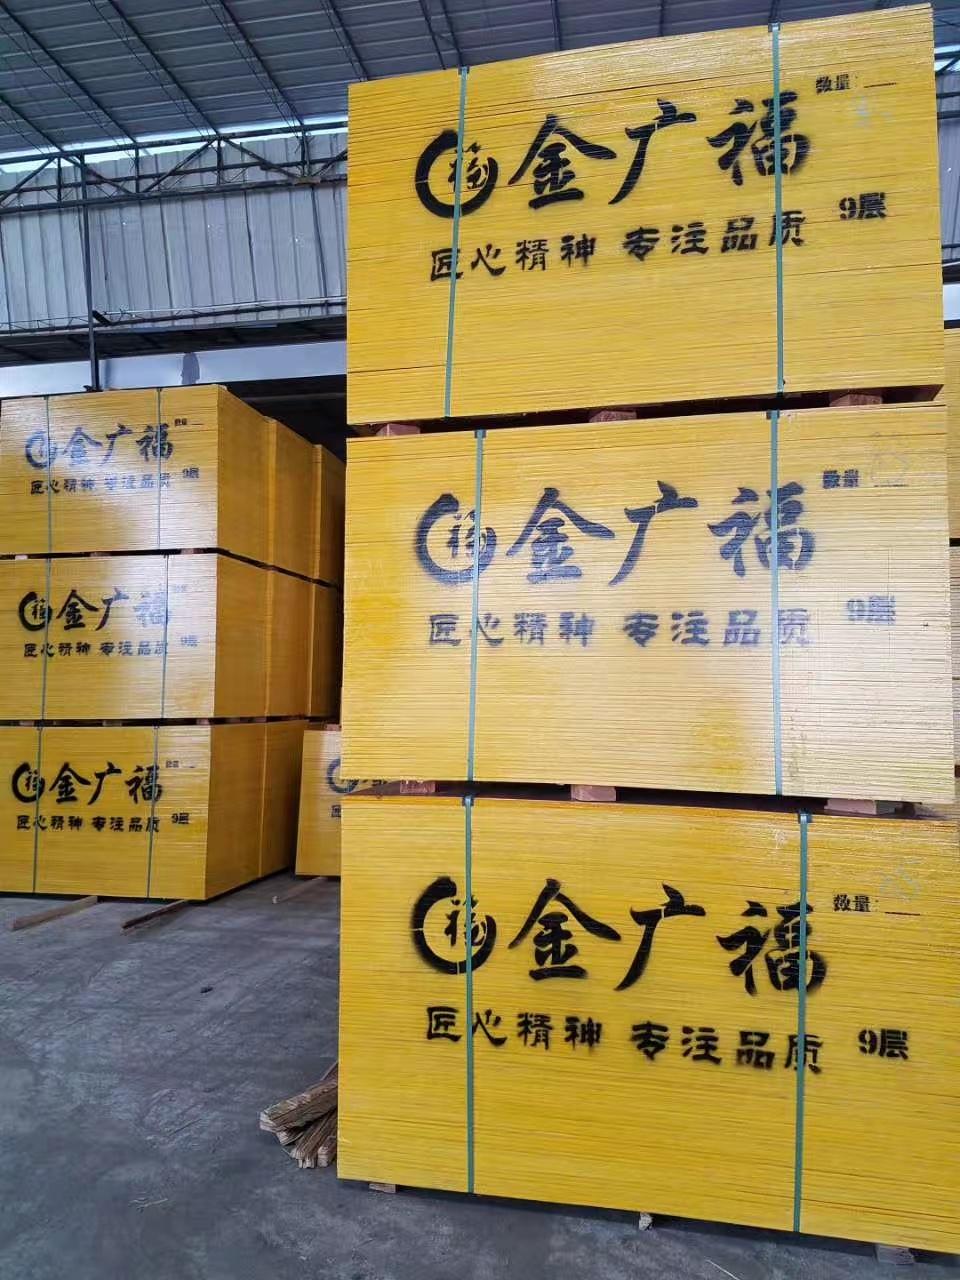 建筑模板  酚醛面红板  广福木业覆膜板胶合板广西红板建筑模板示例图8